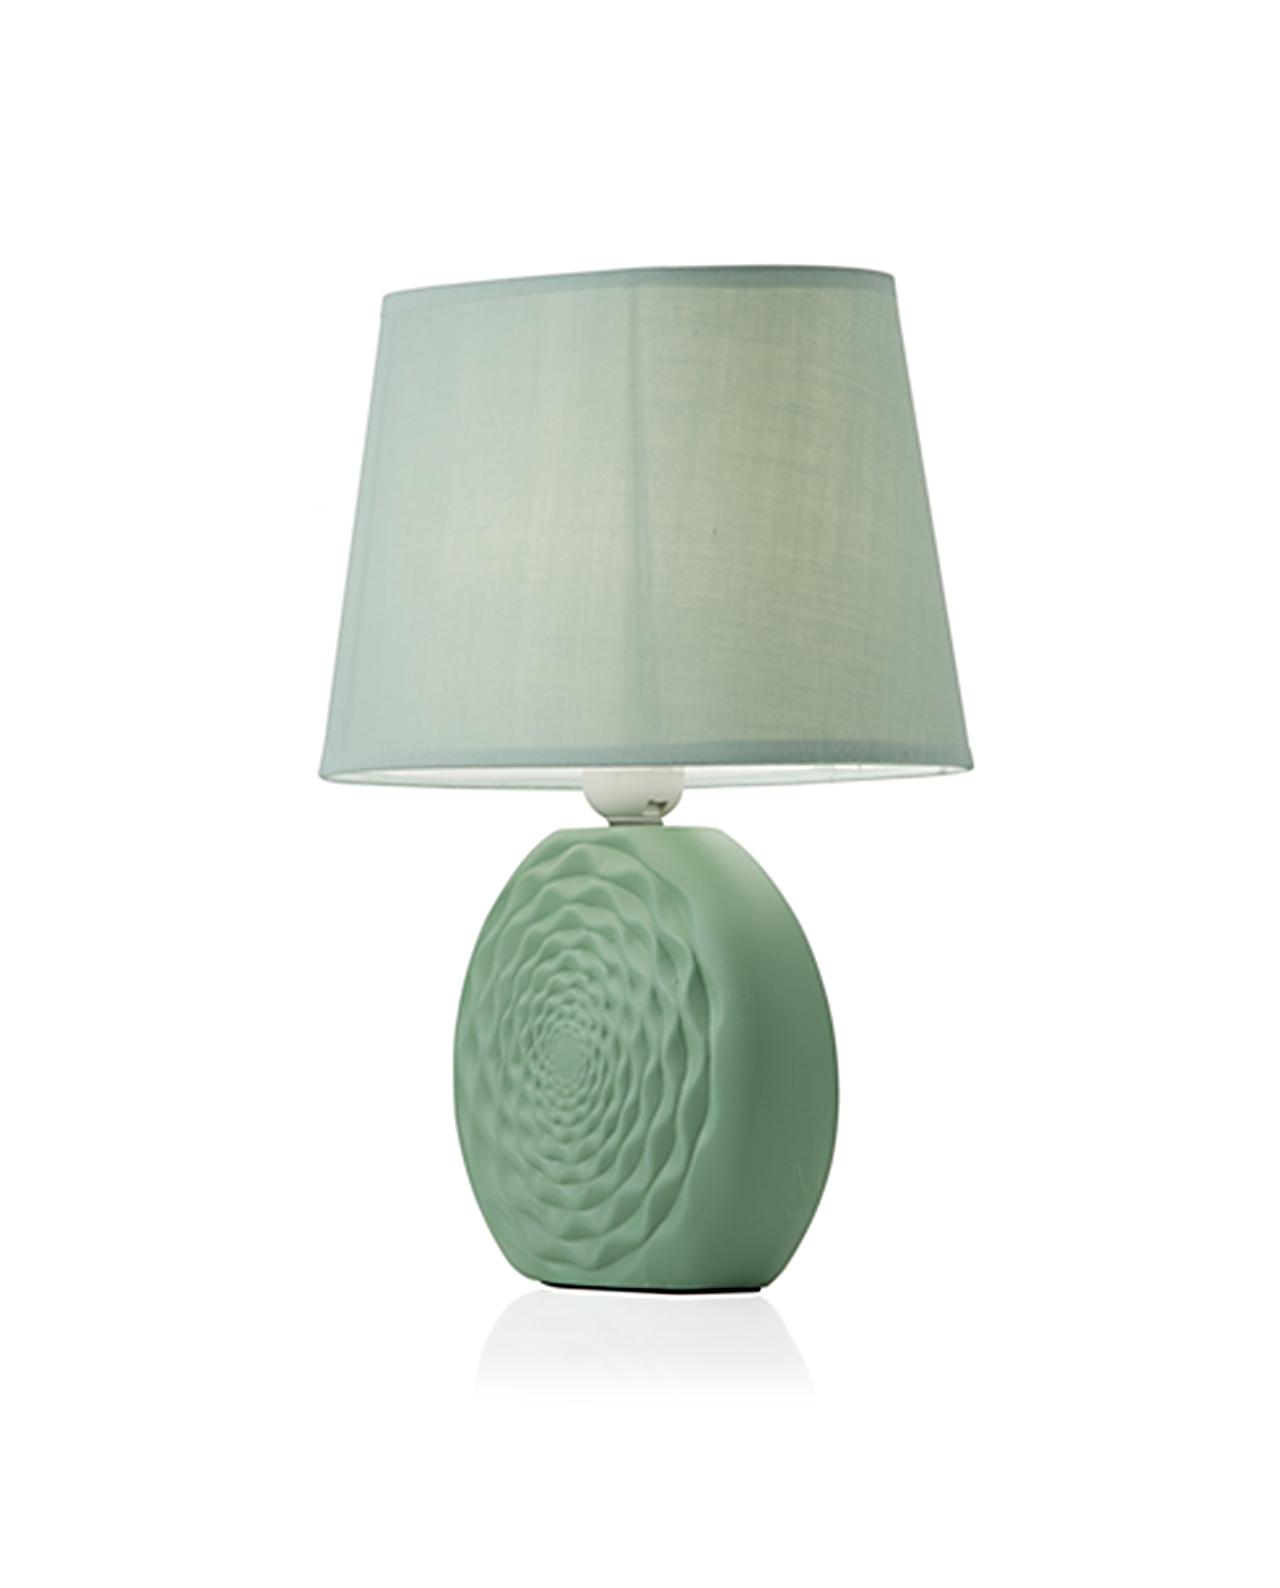 Lampada in ceramica da tavolo azteca brandani vari colori mobilia store home favours for Lampada da tavolo verde